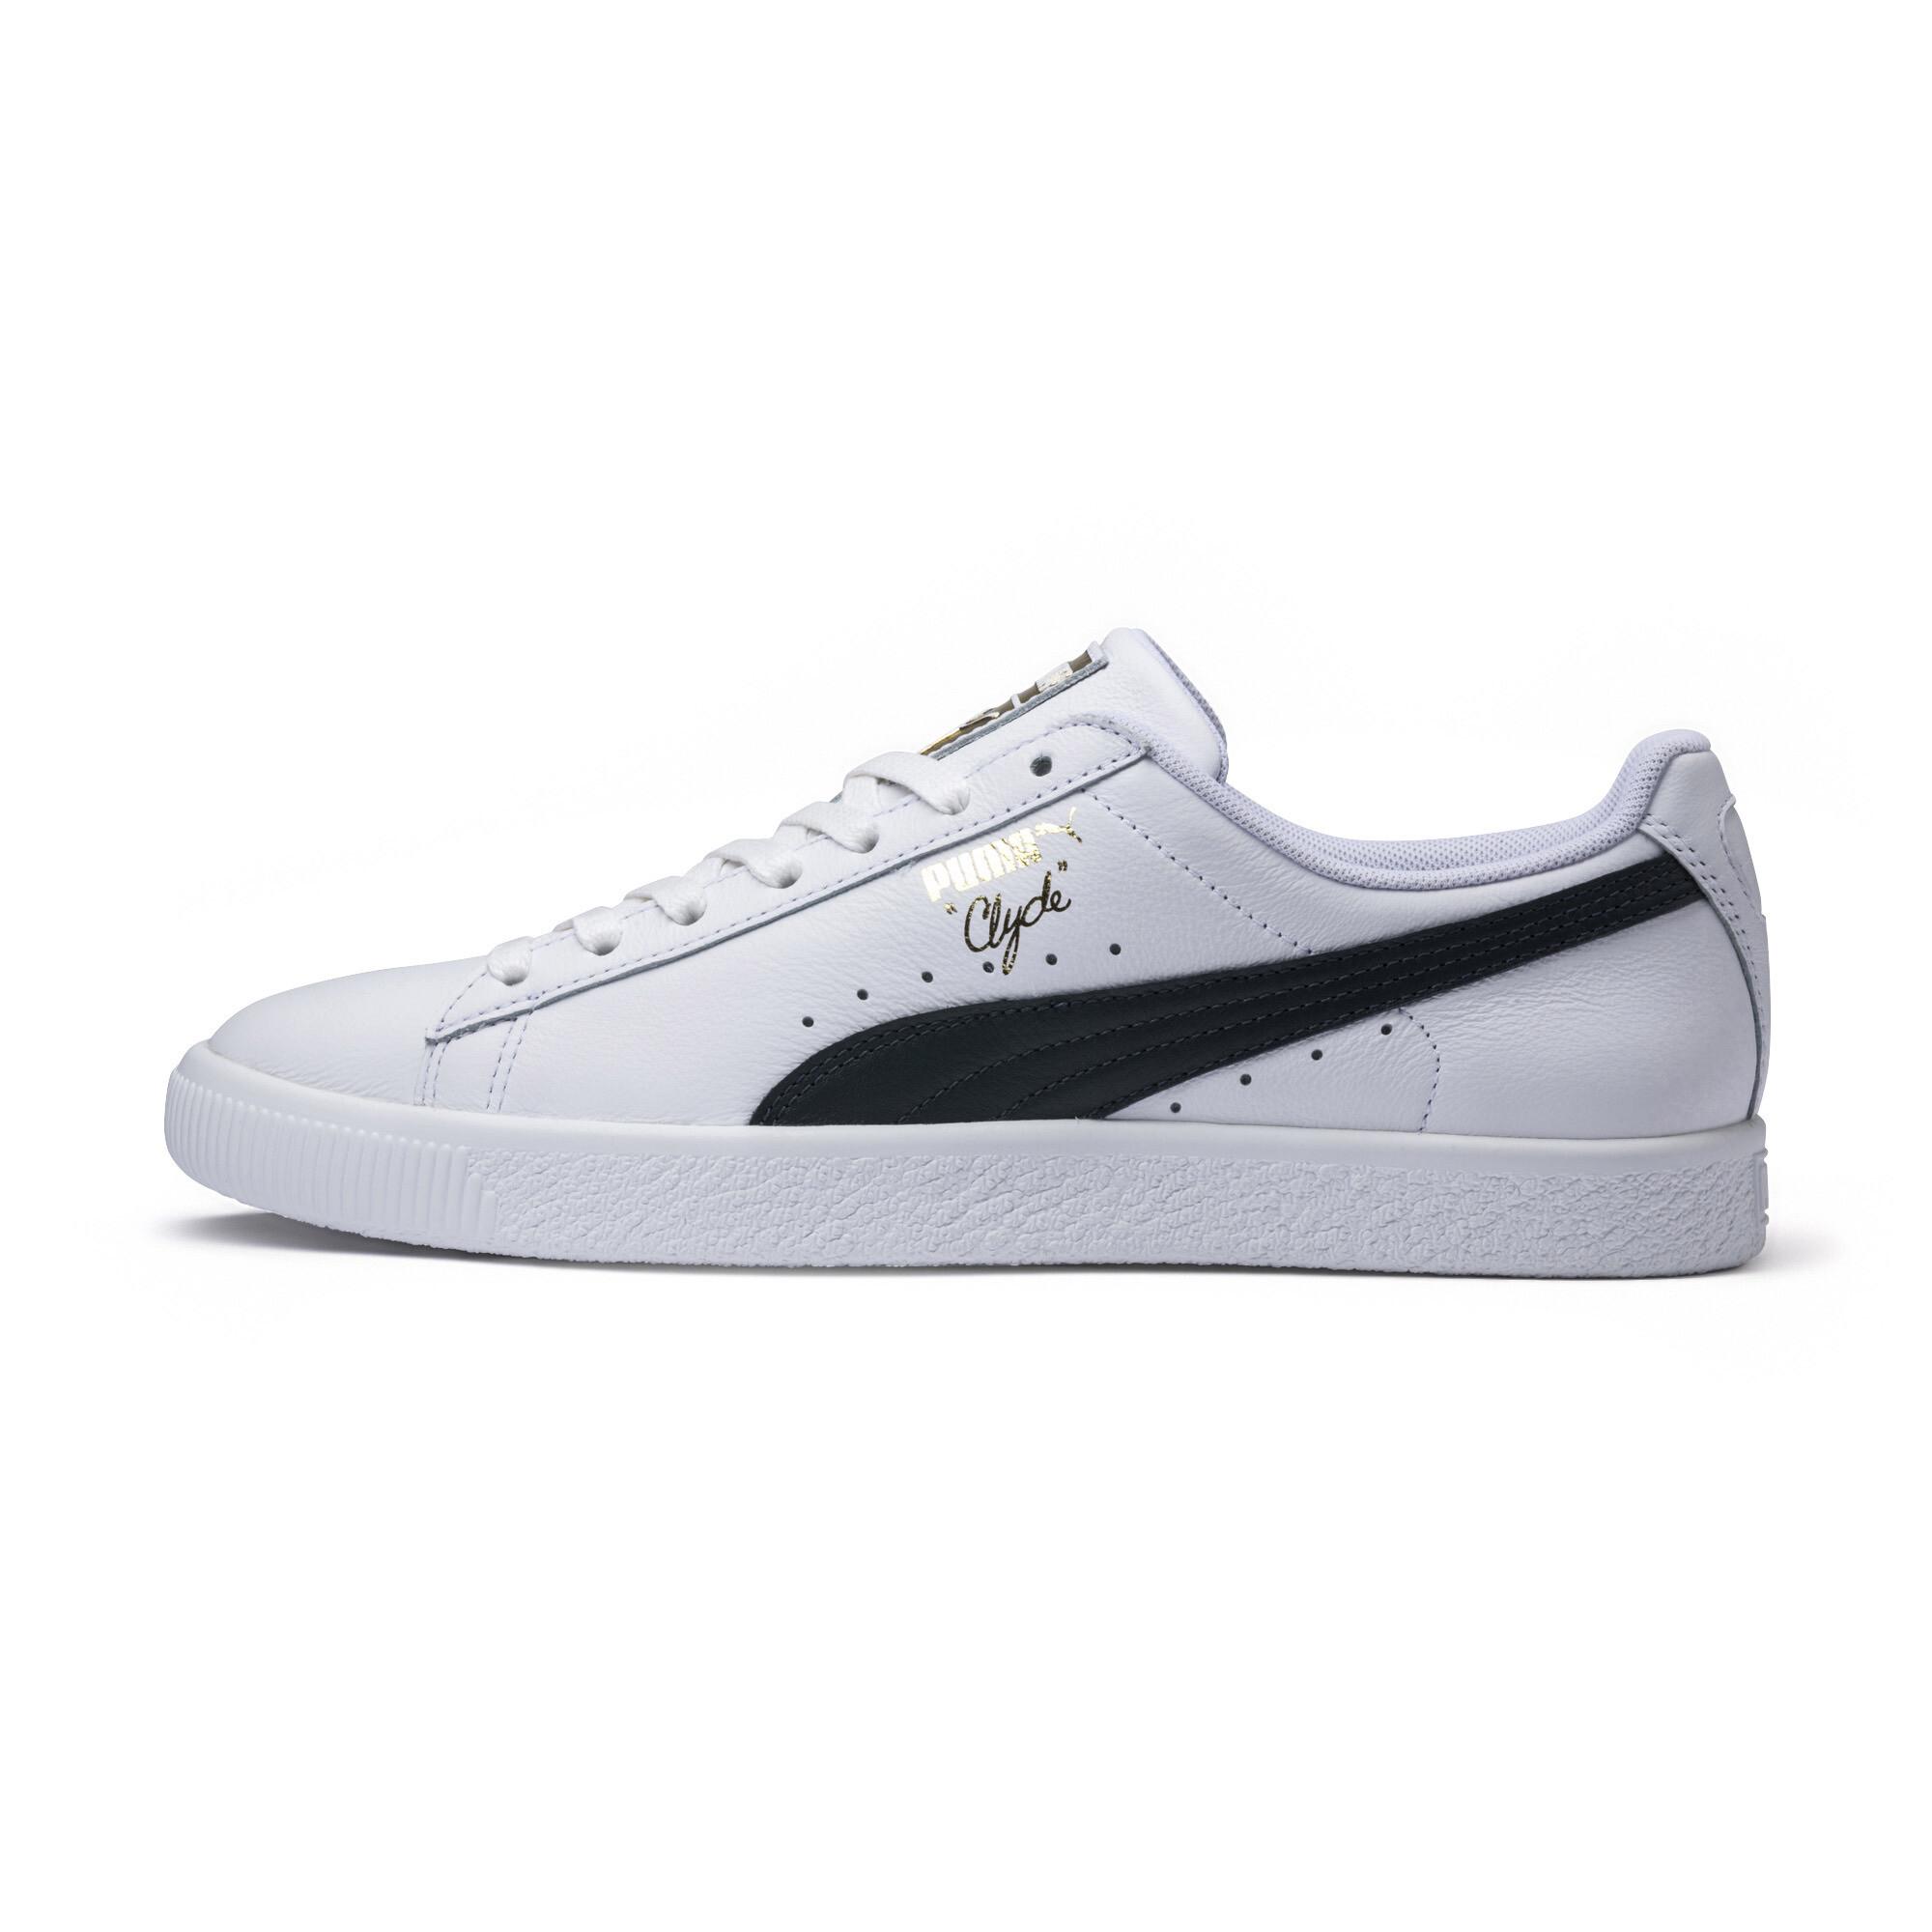 PUMA-Men-039-s-Clyde-Core-Foil-Sneakers thumbnail 20